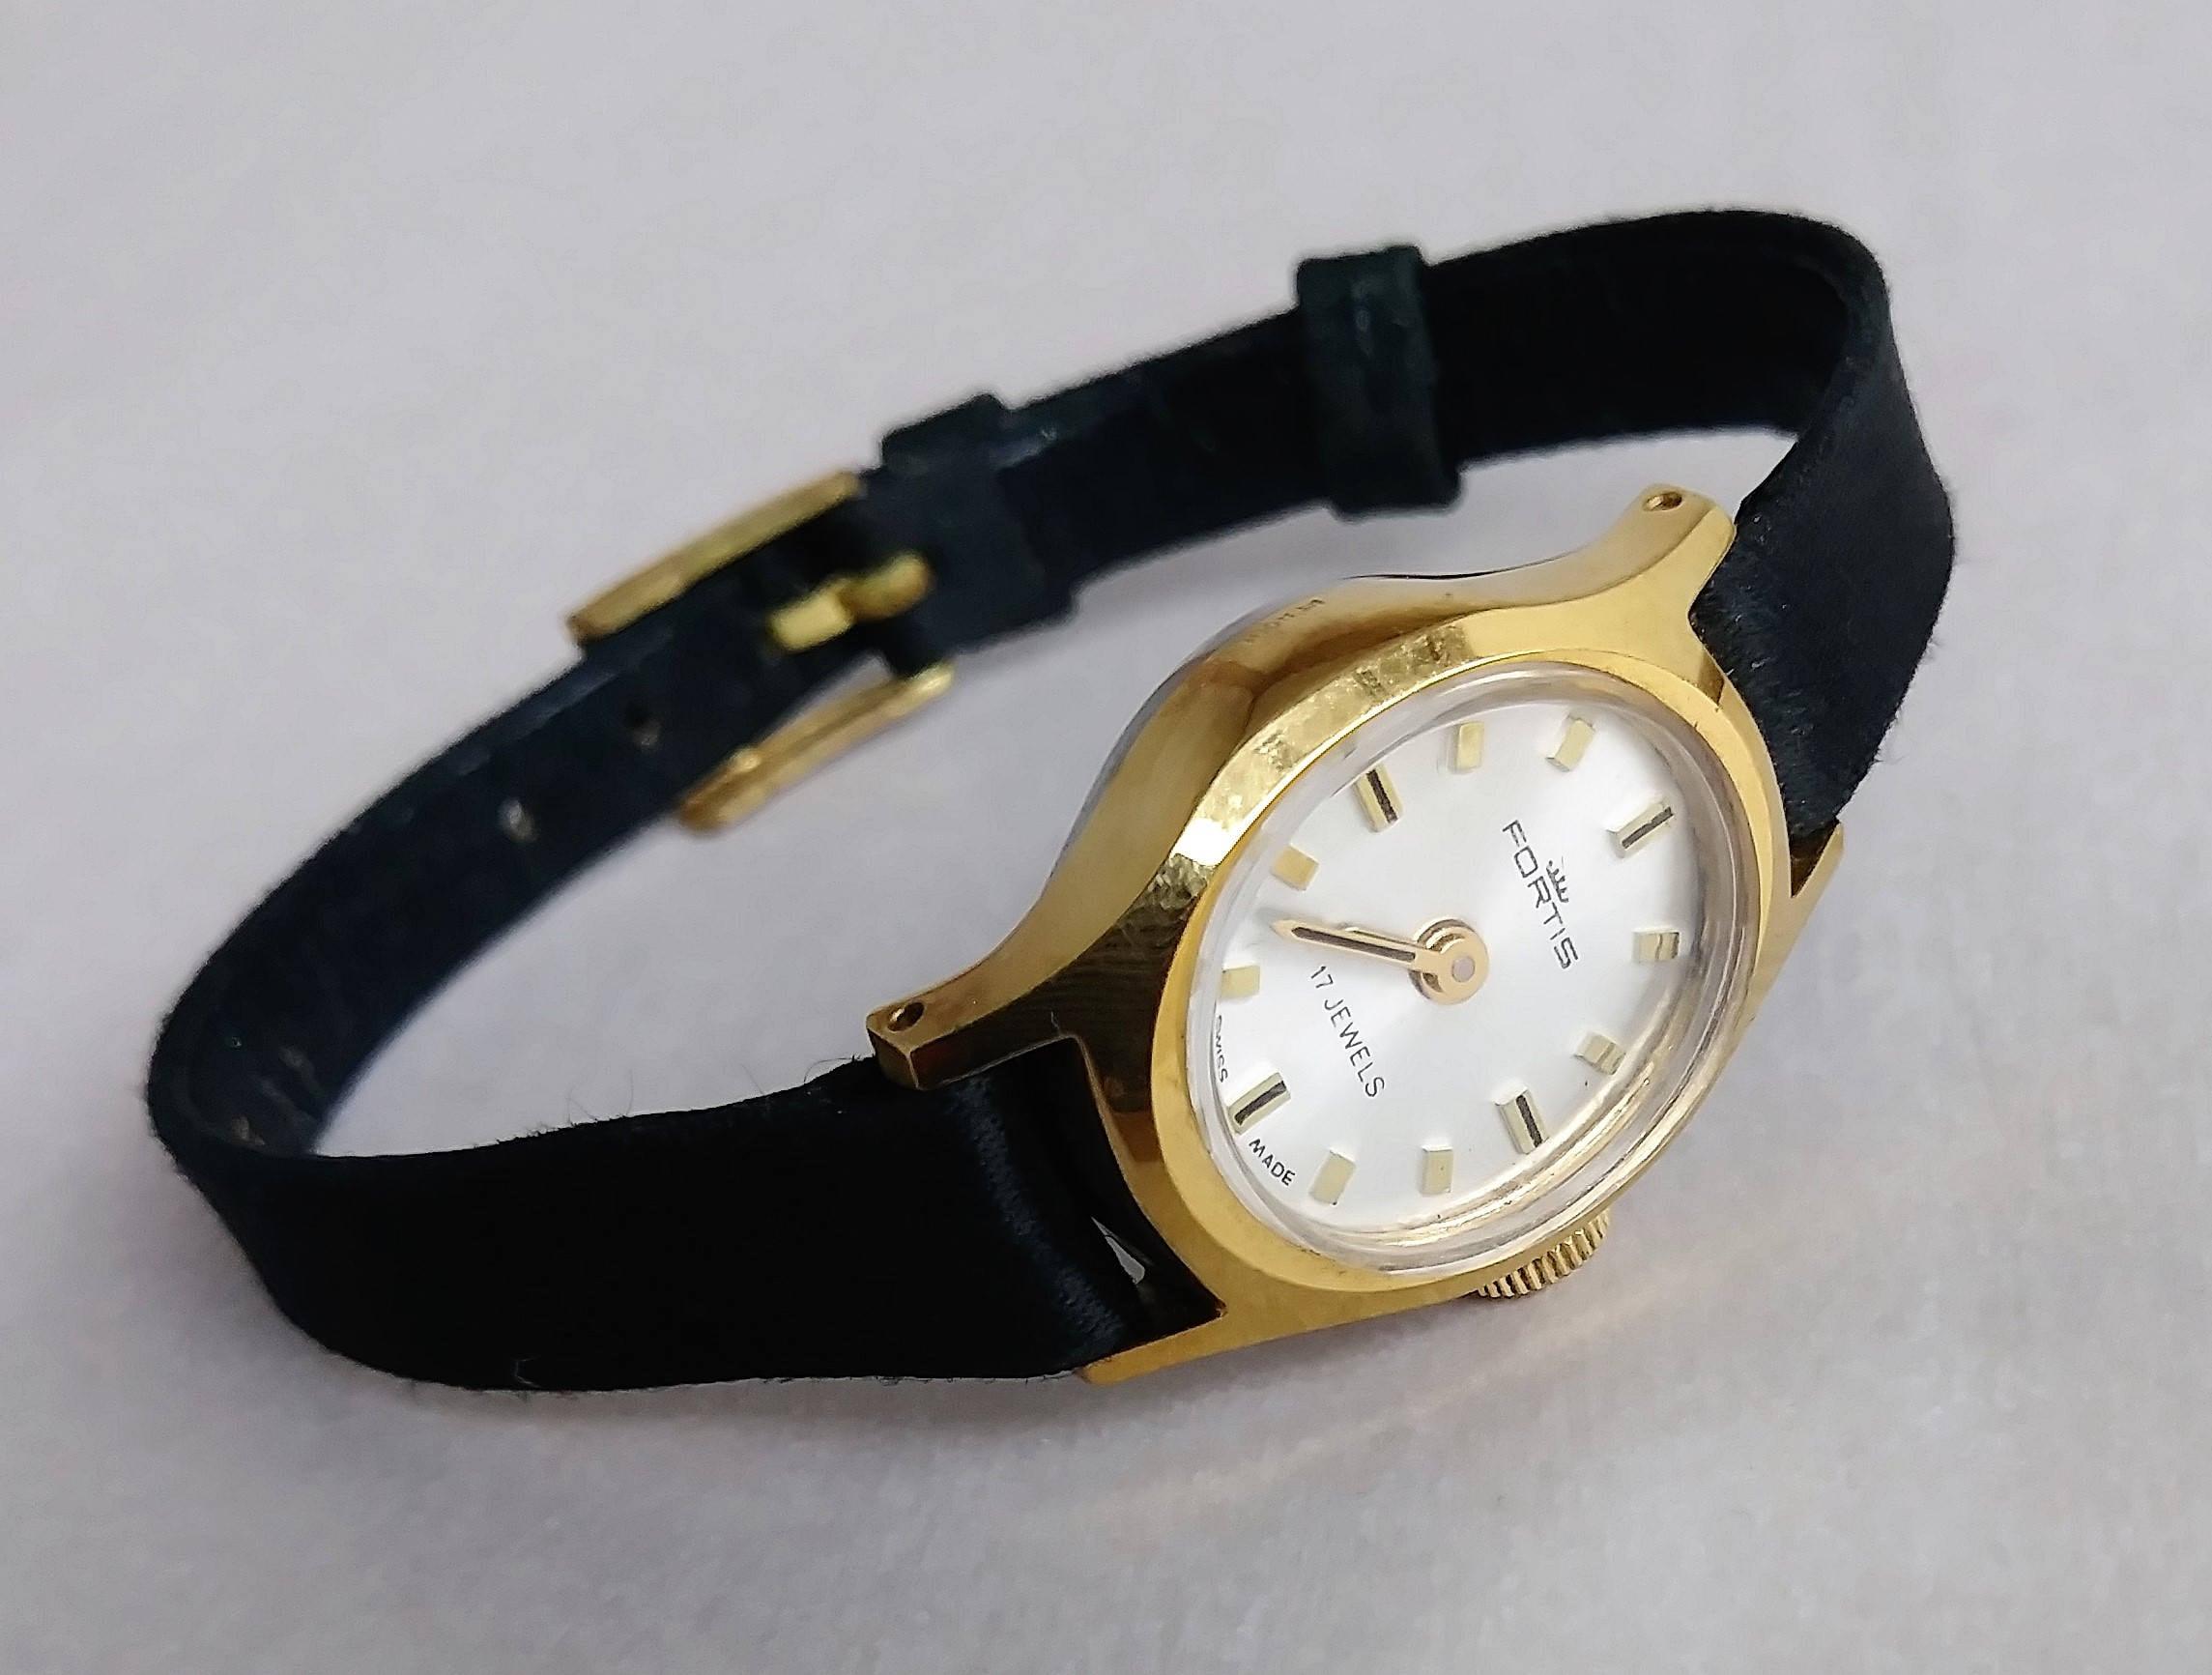 e55ac3e14330 Vintage reloj Fortis 17 joyas de mujeres suizo simple